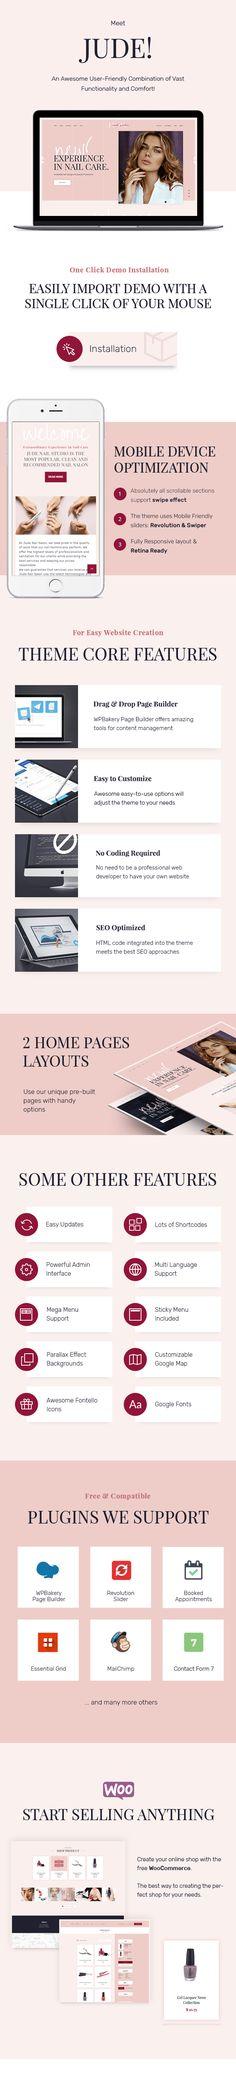 Mejores 172 imágenes de Plantillas Wordpress en Pinterest